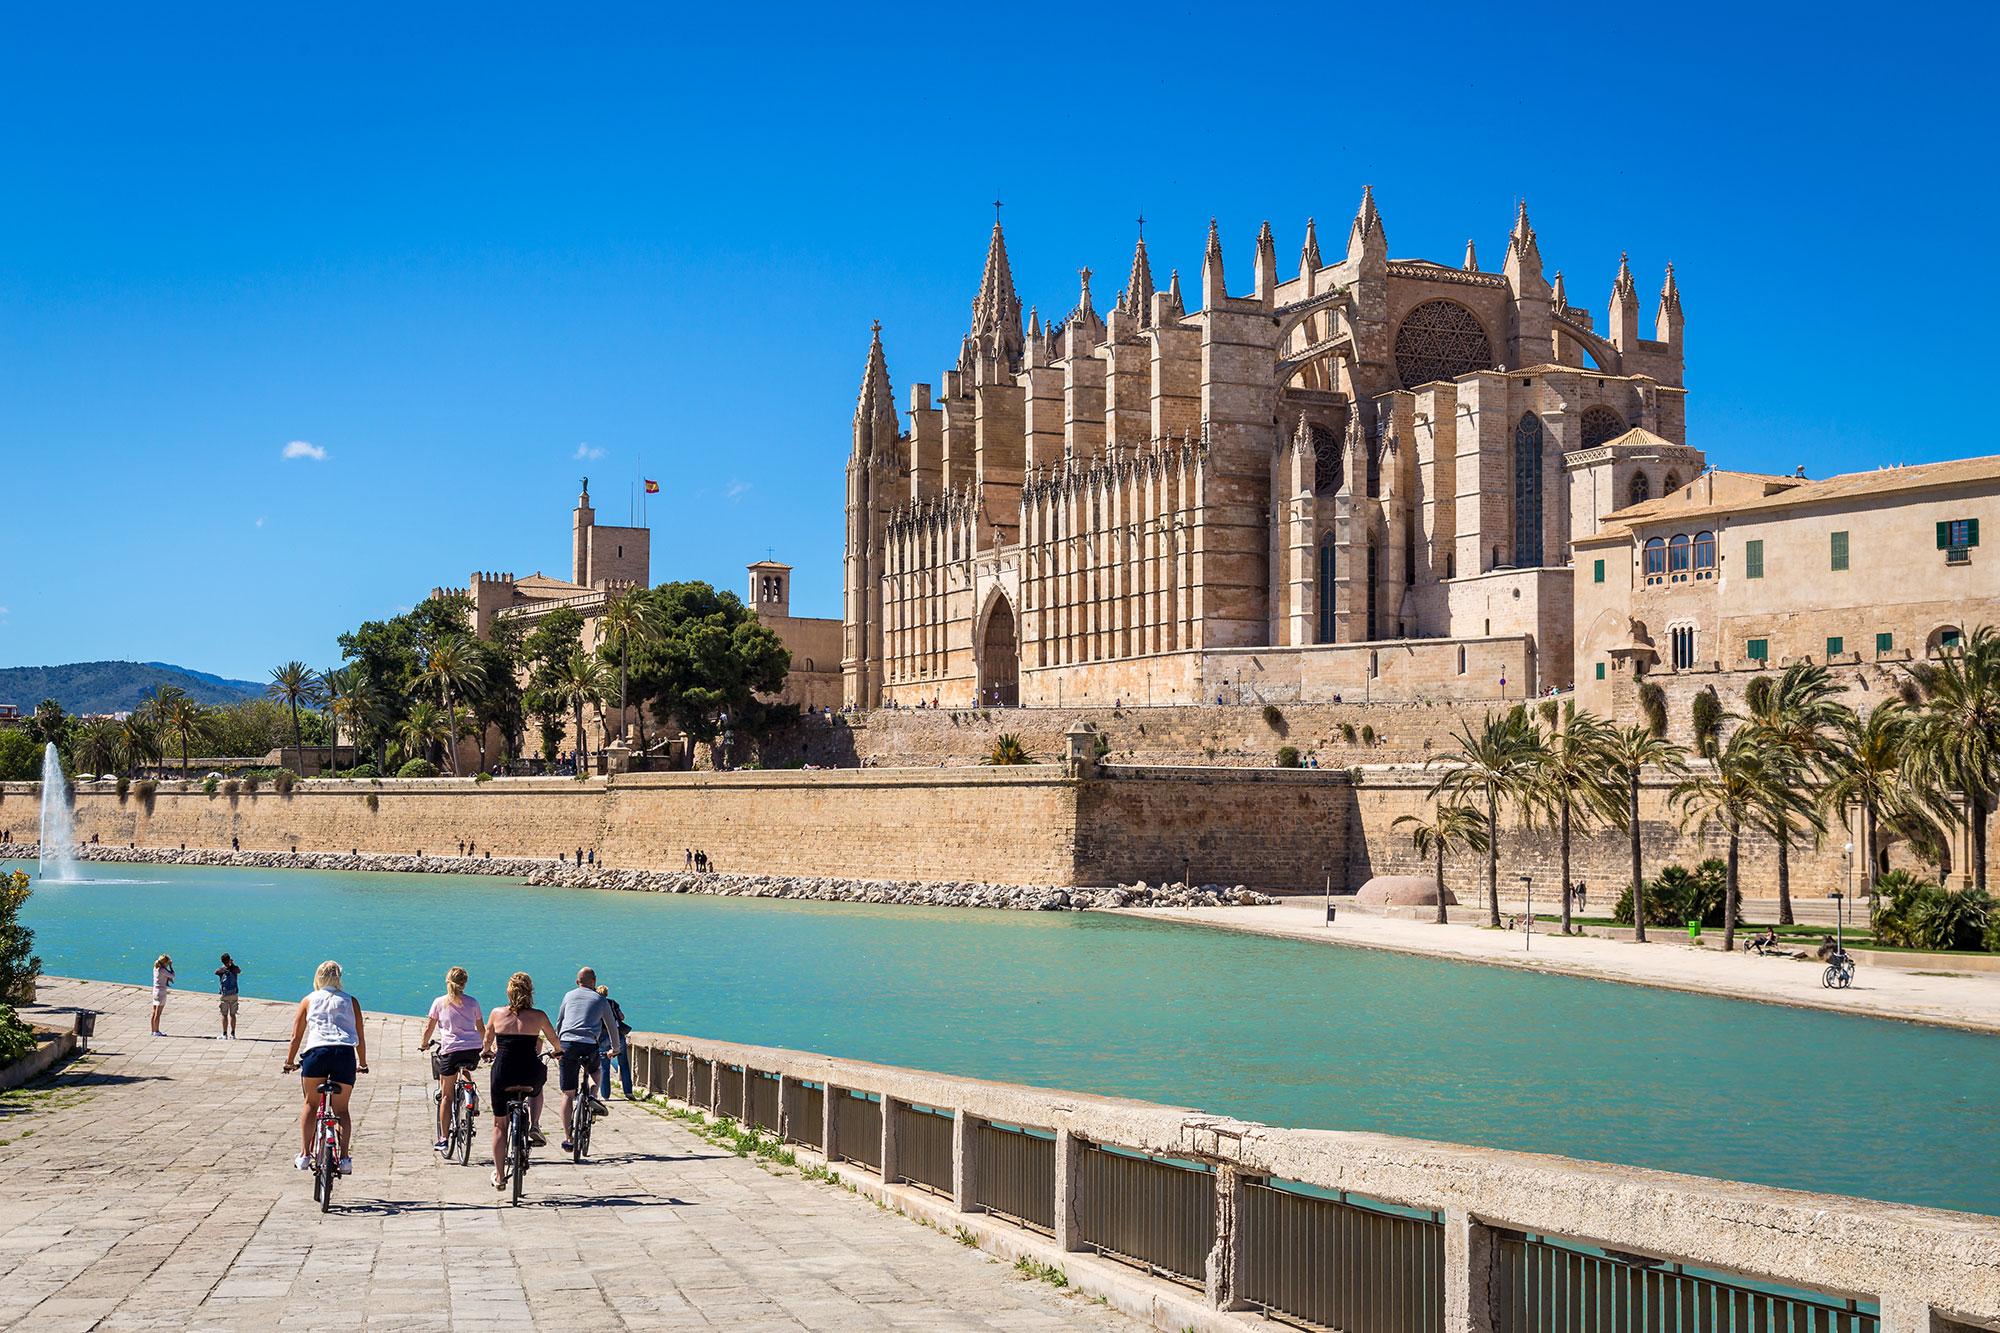 Listas para descubrir la bahía de Palma de Mallorca. Foto: Shutterstock.